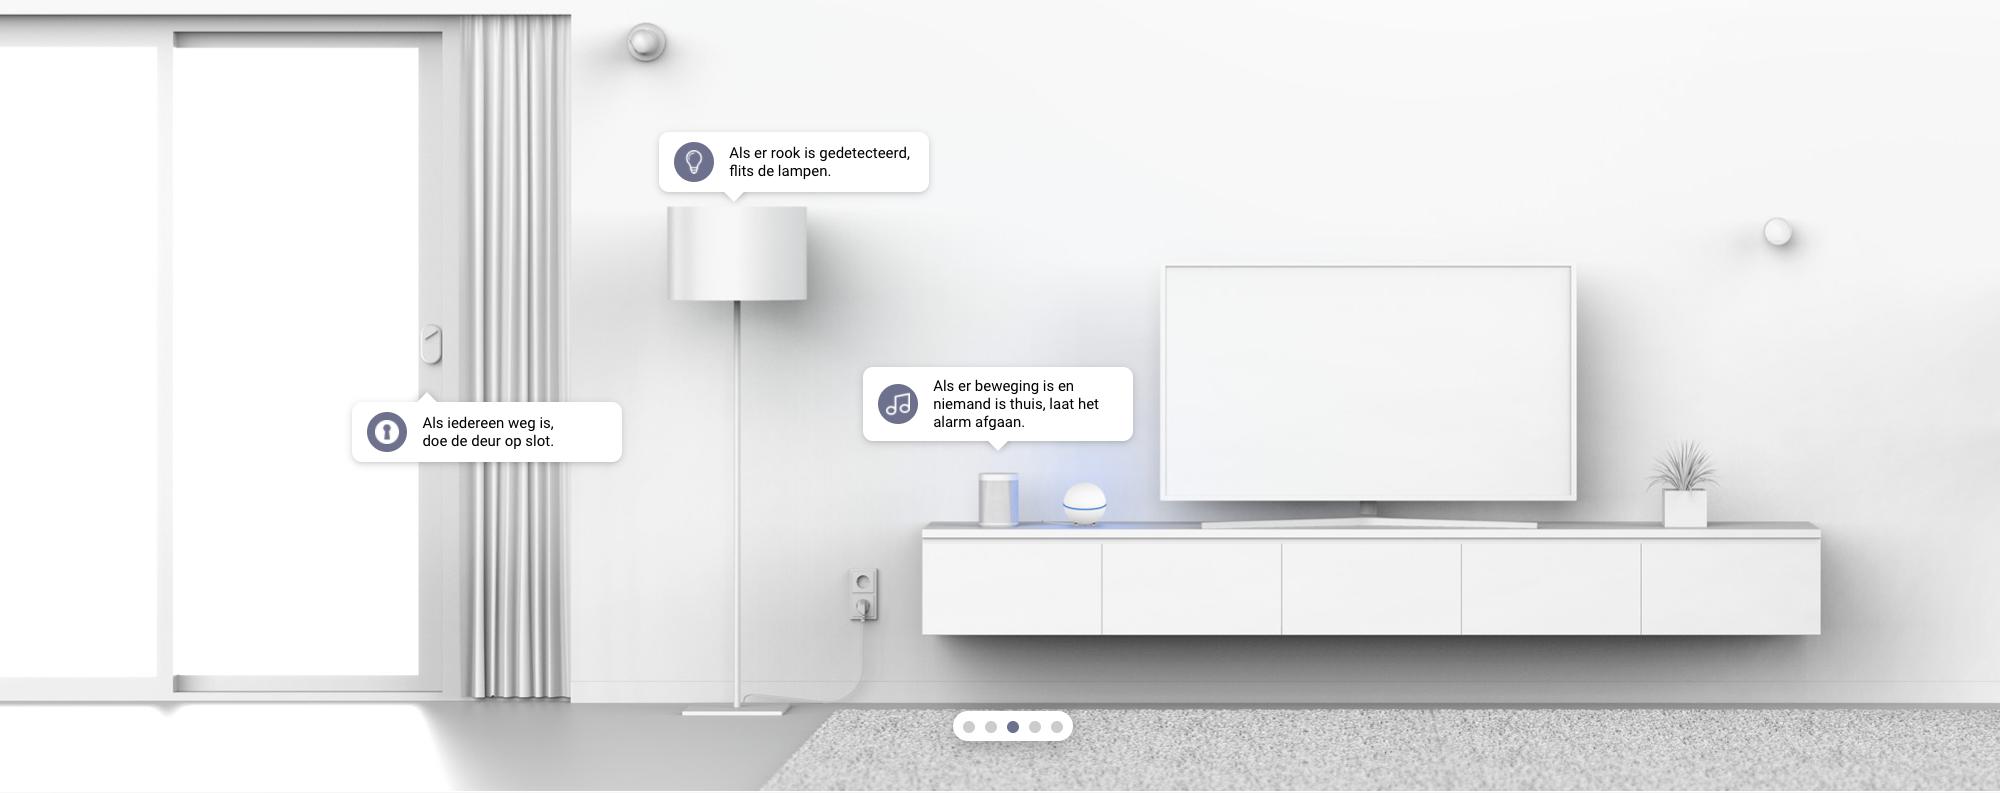 Maak je huis veiliger met Smart Home en Homey